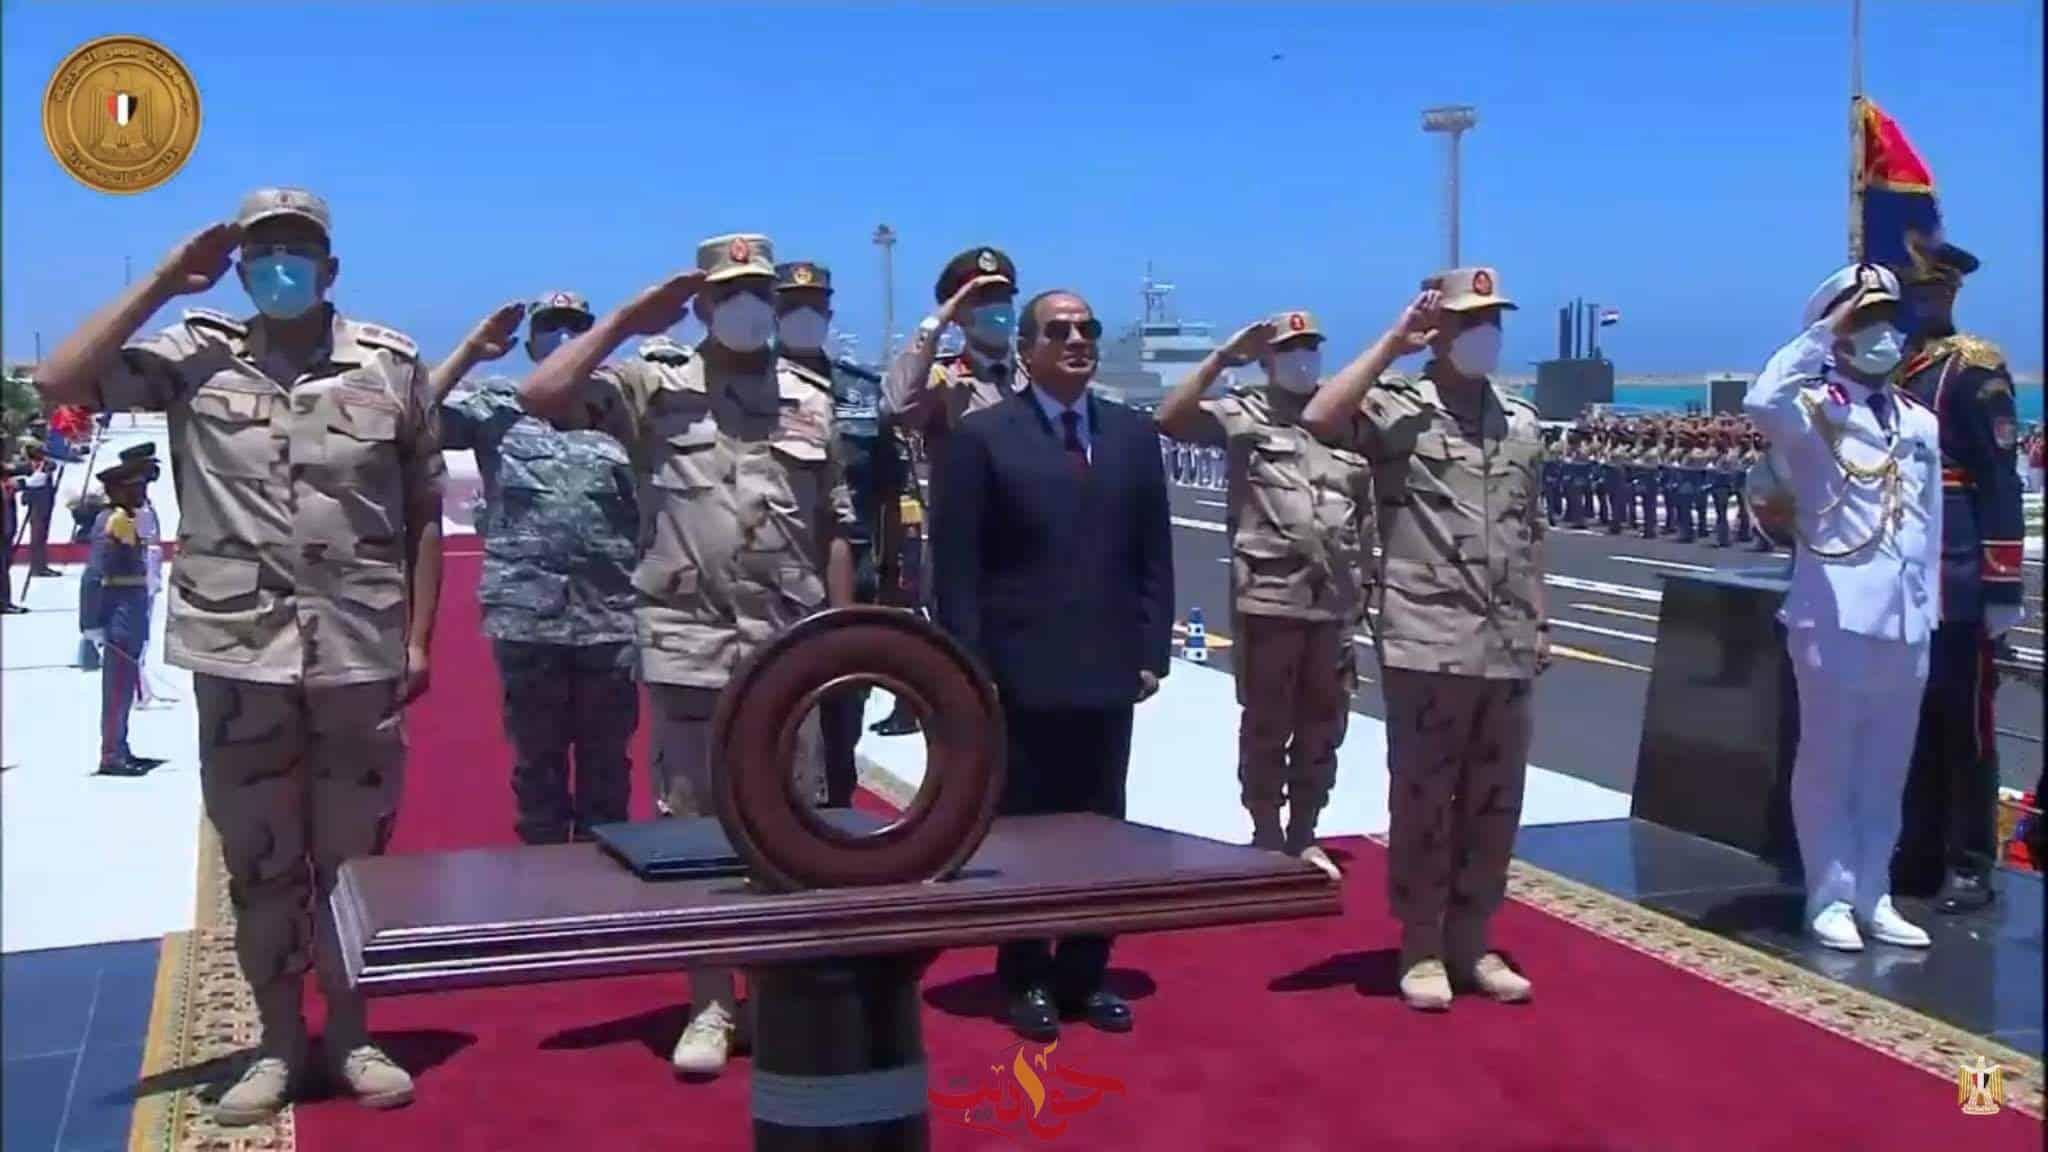 يسلم قائد قاعدة 3 يوليو أعلام الوحدات البحرية إيذانا - حواديت اون لاين